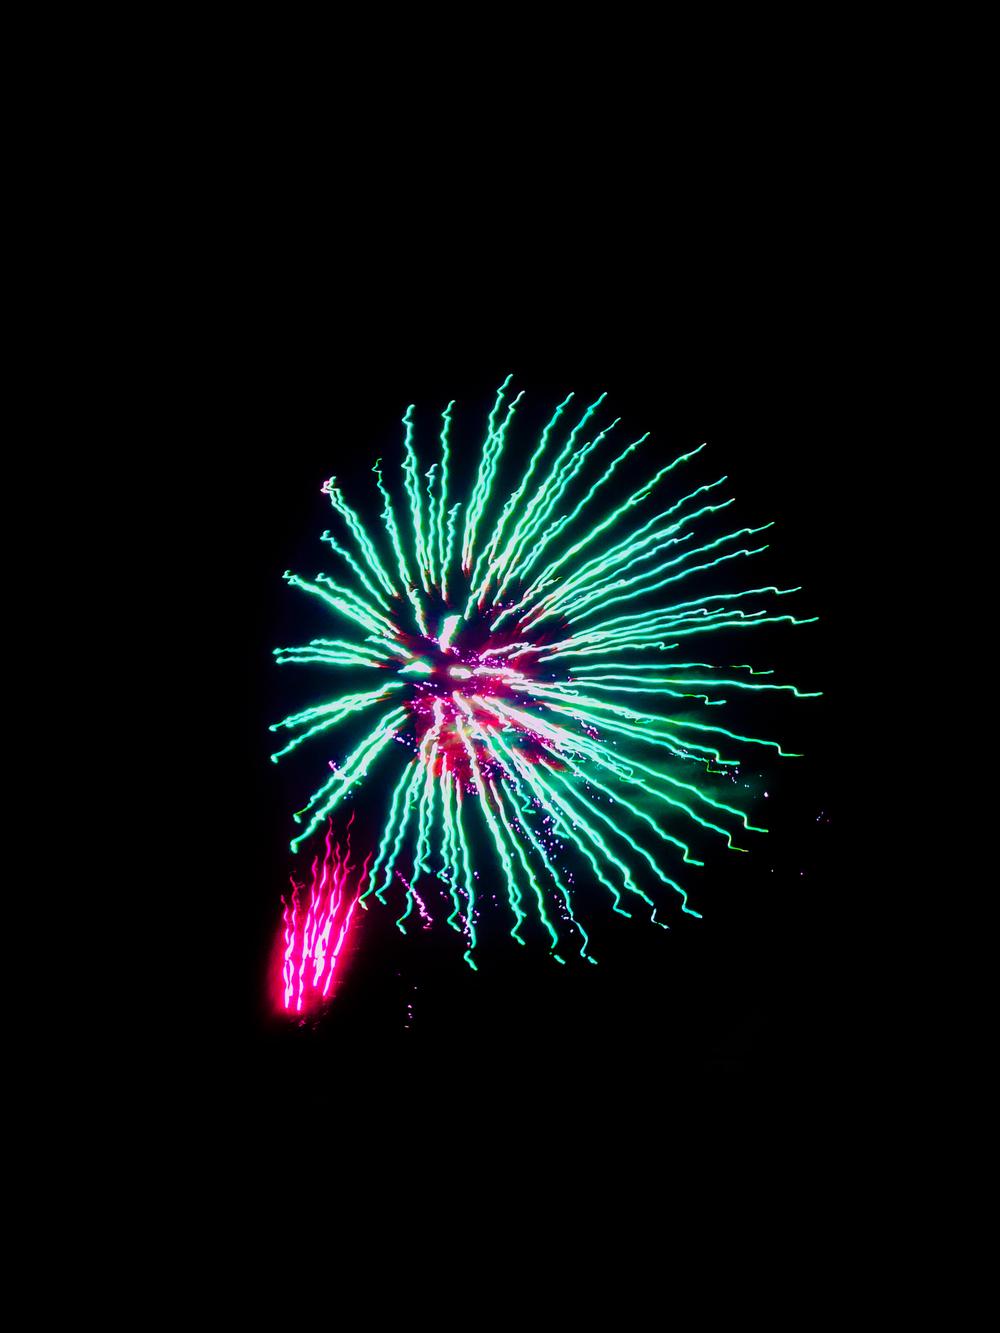 shaunavon-fireworks-big-burst.jpg